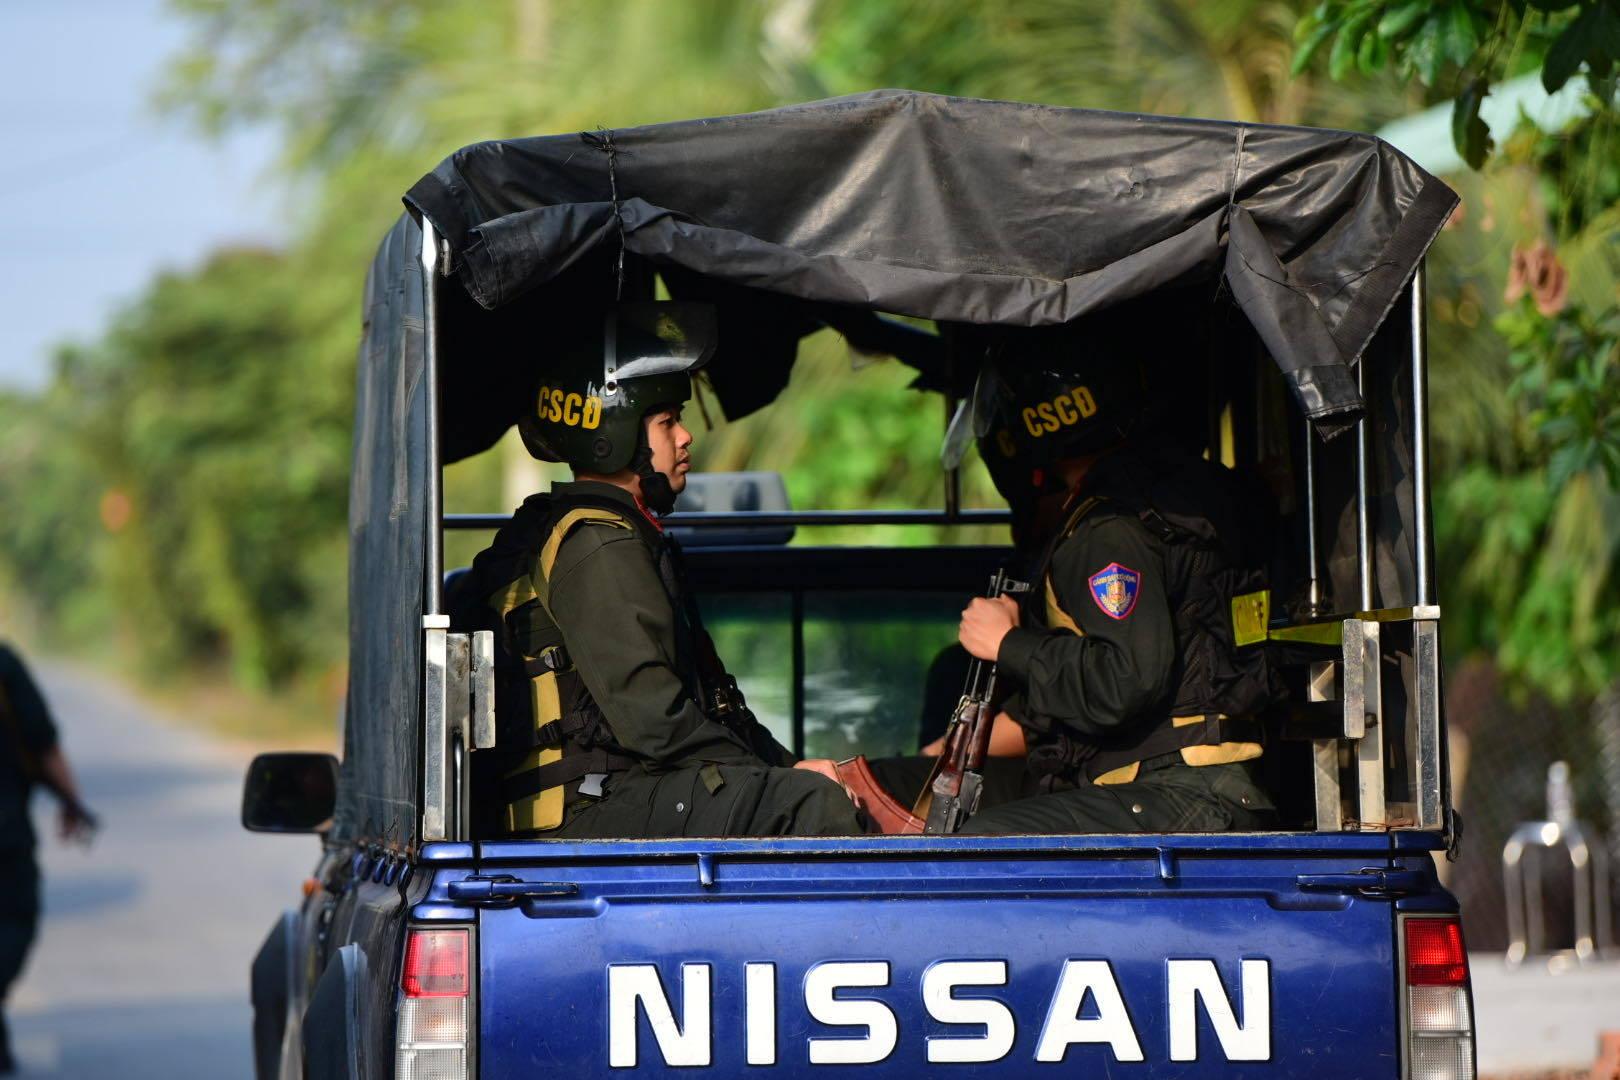 Công an TP.HCM công bố thêm hình ảnh nghi can bắn chết 5 người